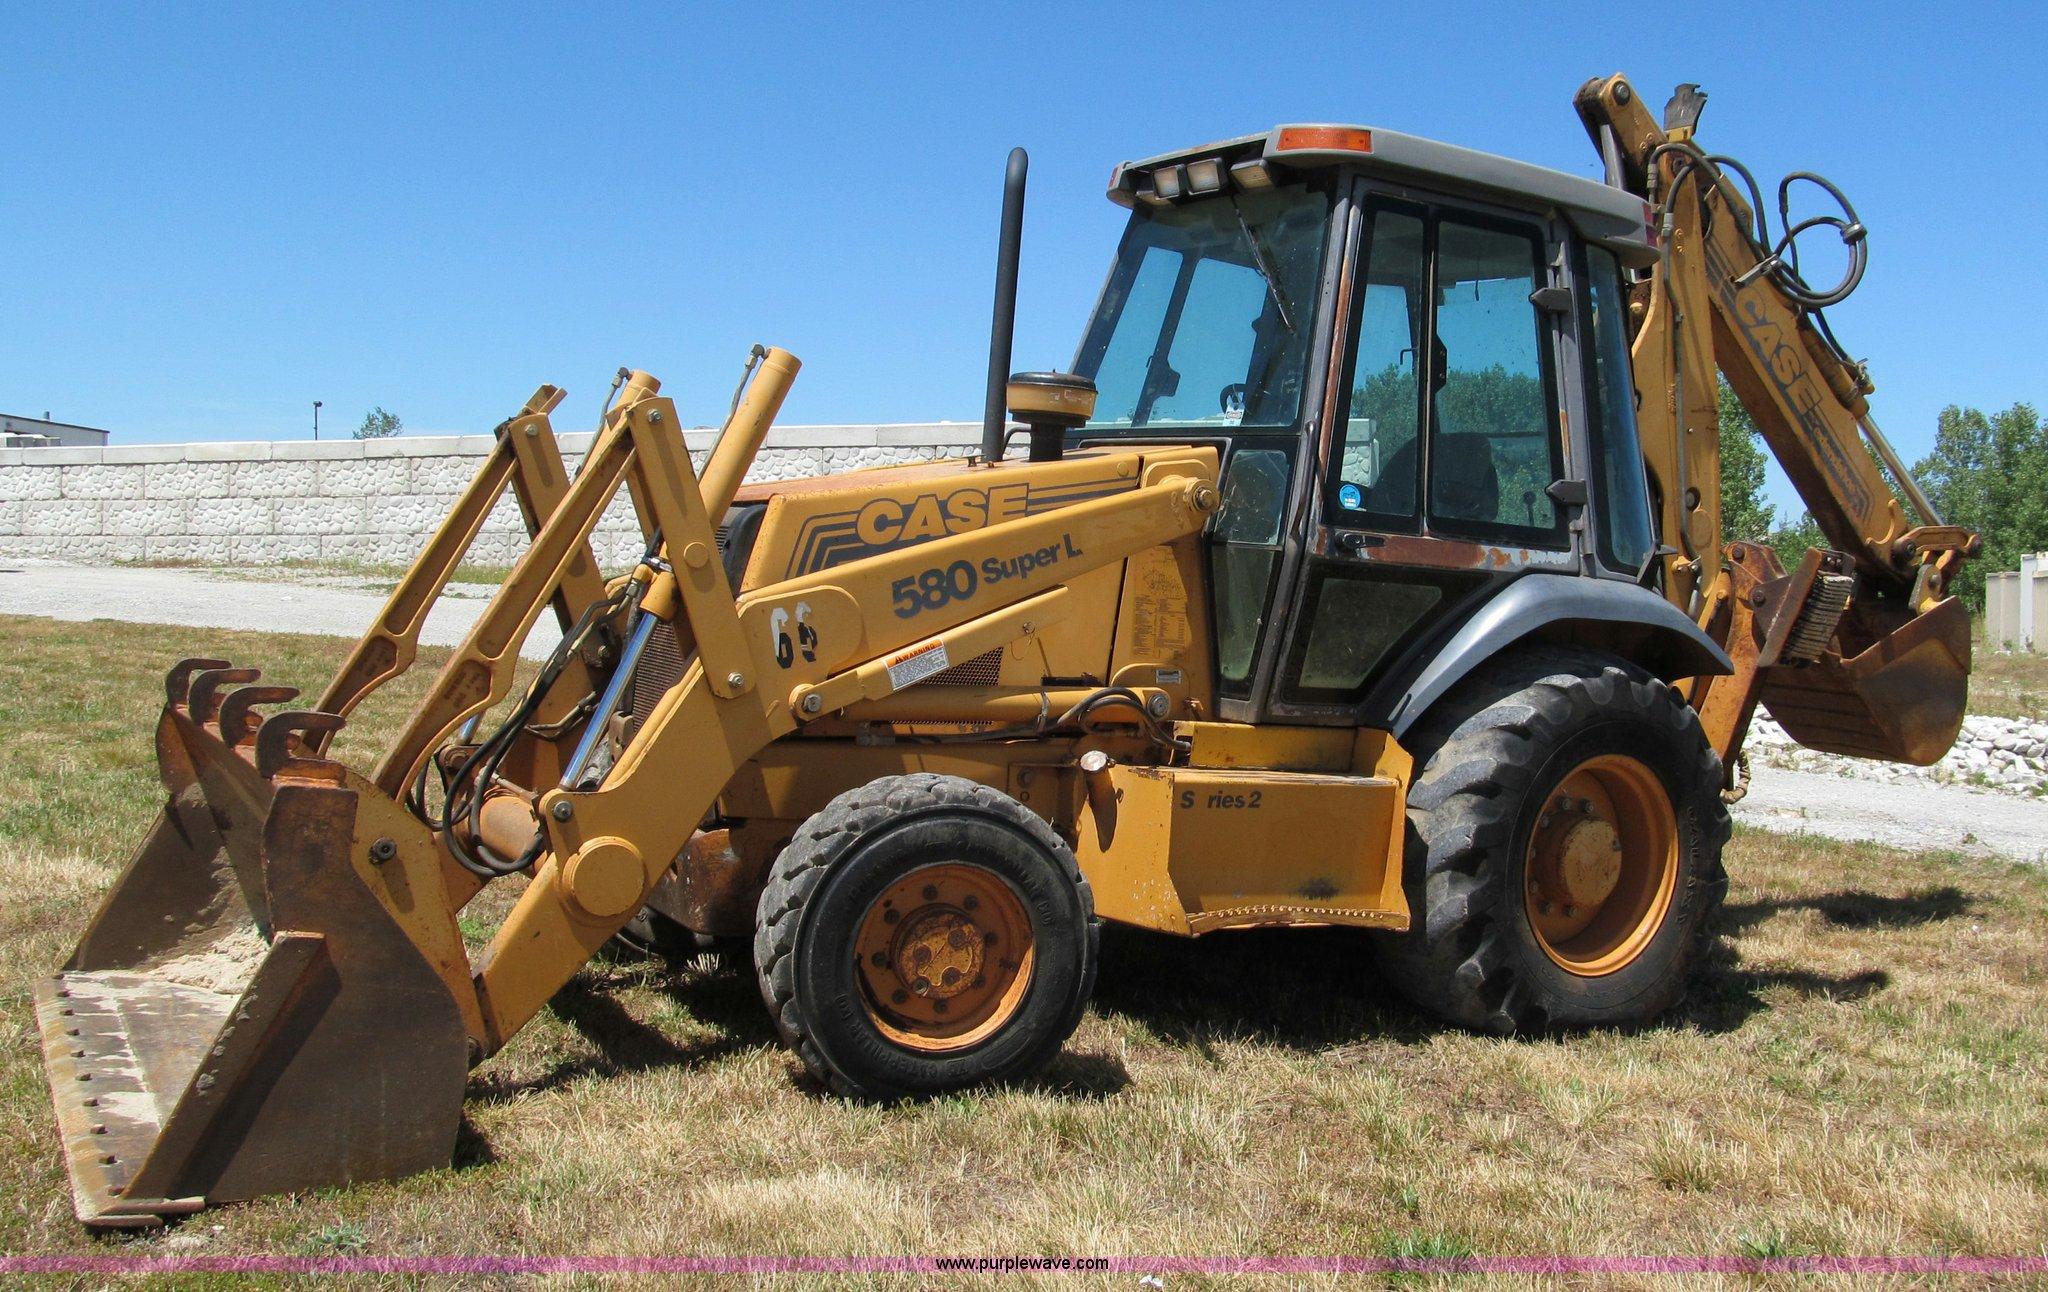 C2238 image for item C2238 1999 Case 580 Super L ...